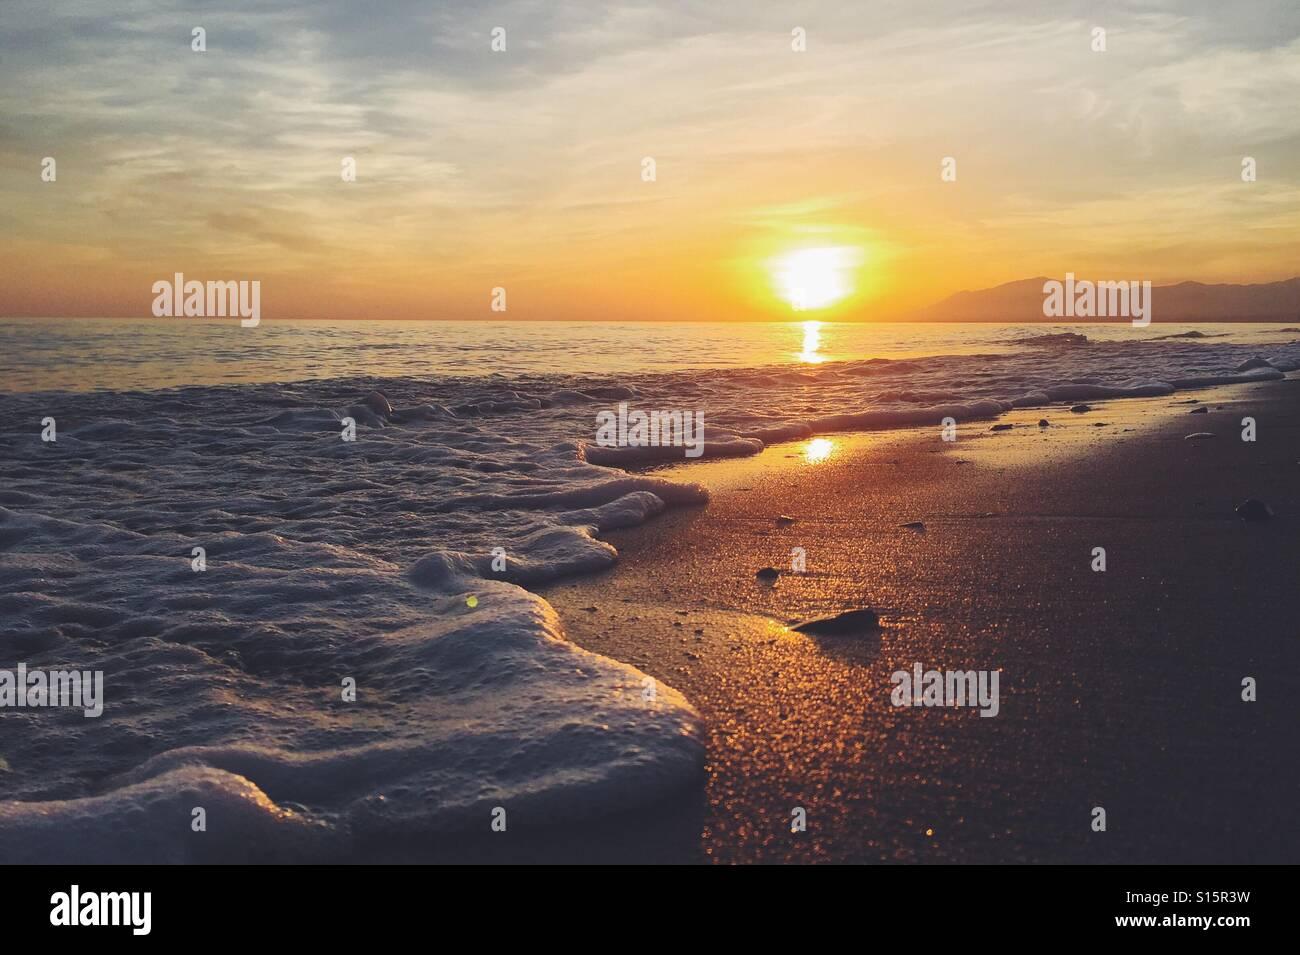 Tramonto su una spiaggia di sabbia con onde Immagini Stock